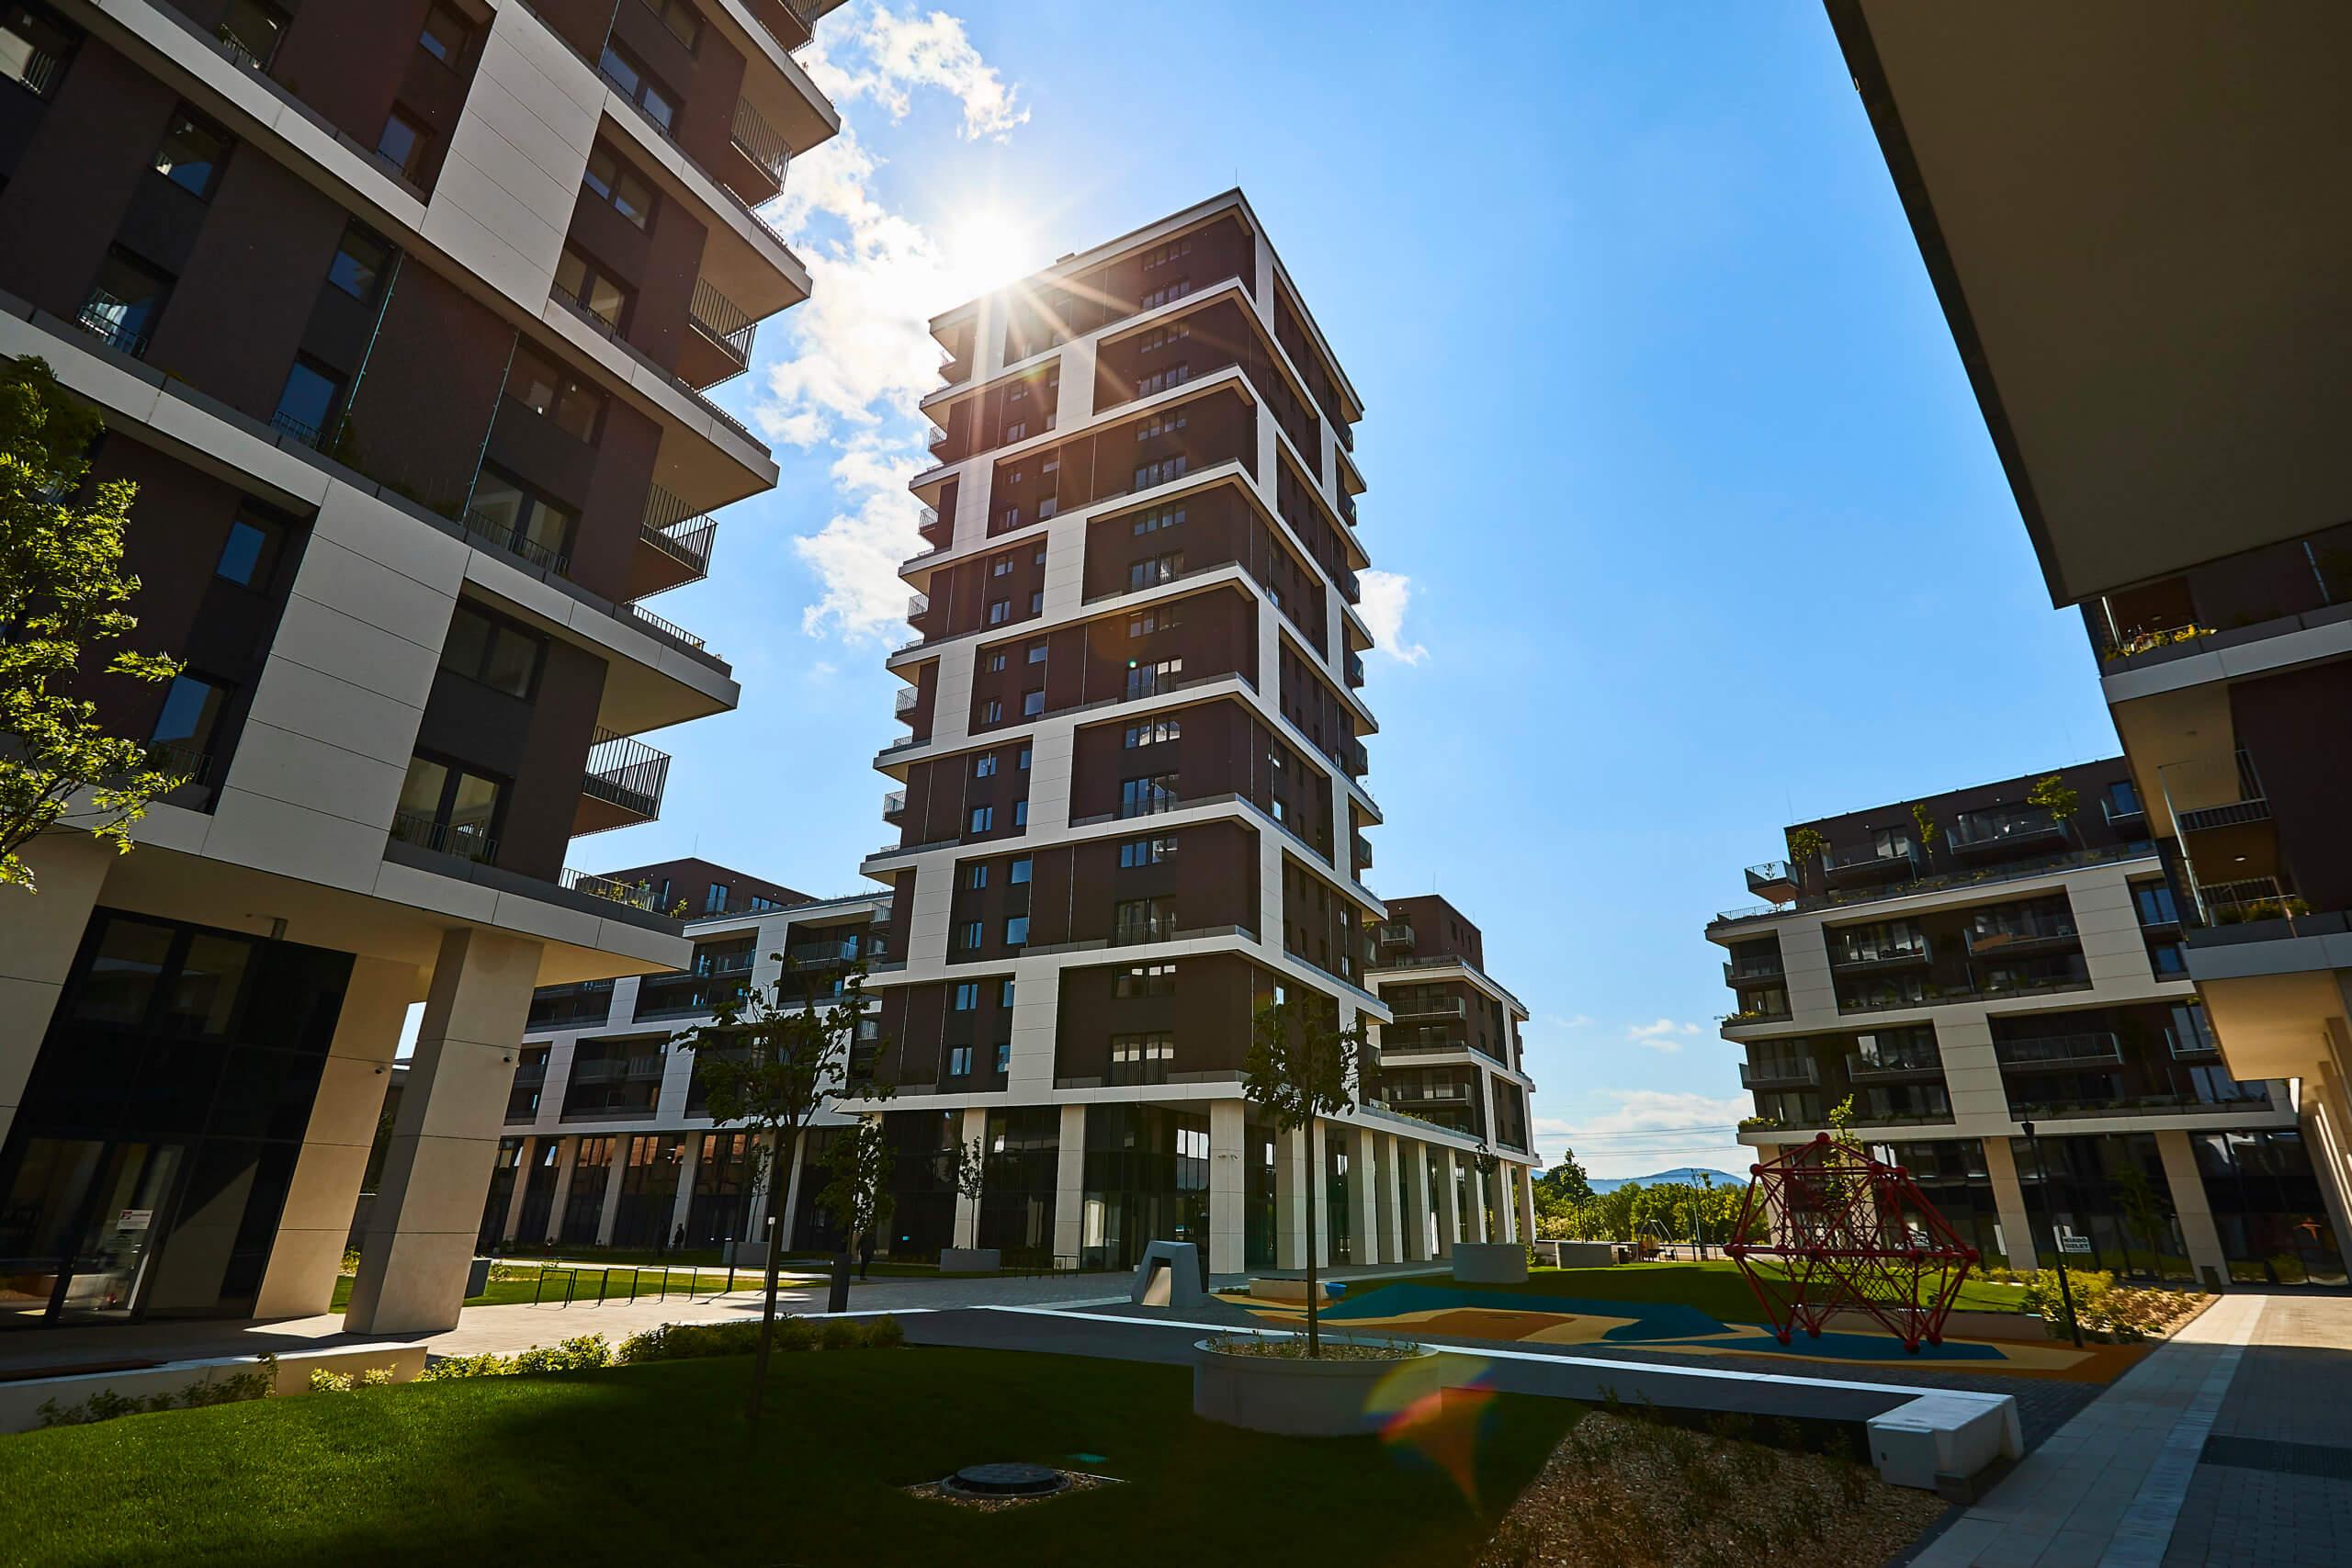 Függőleges erdővel borított lenyűgöző új otthonok Újpesten